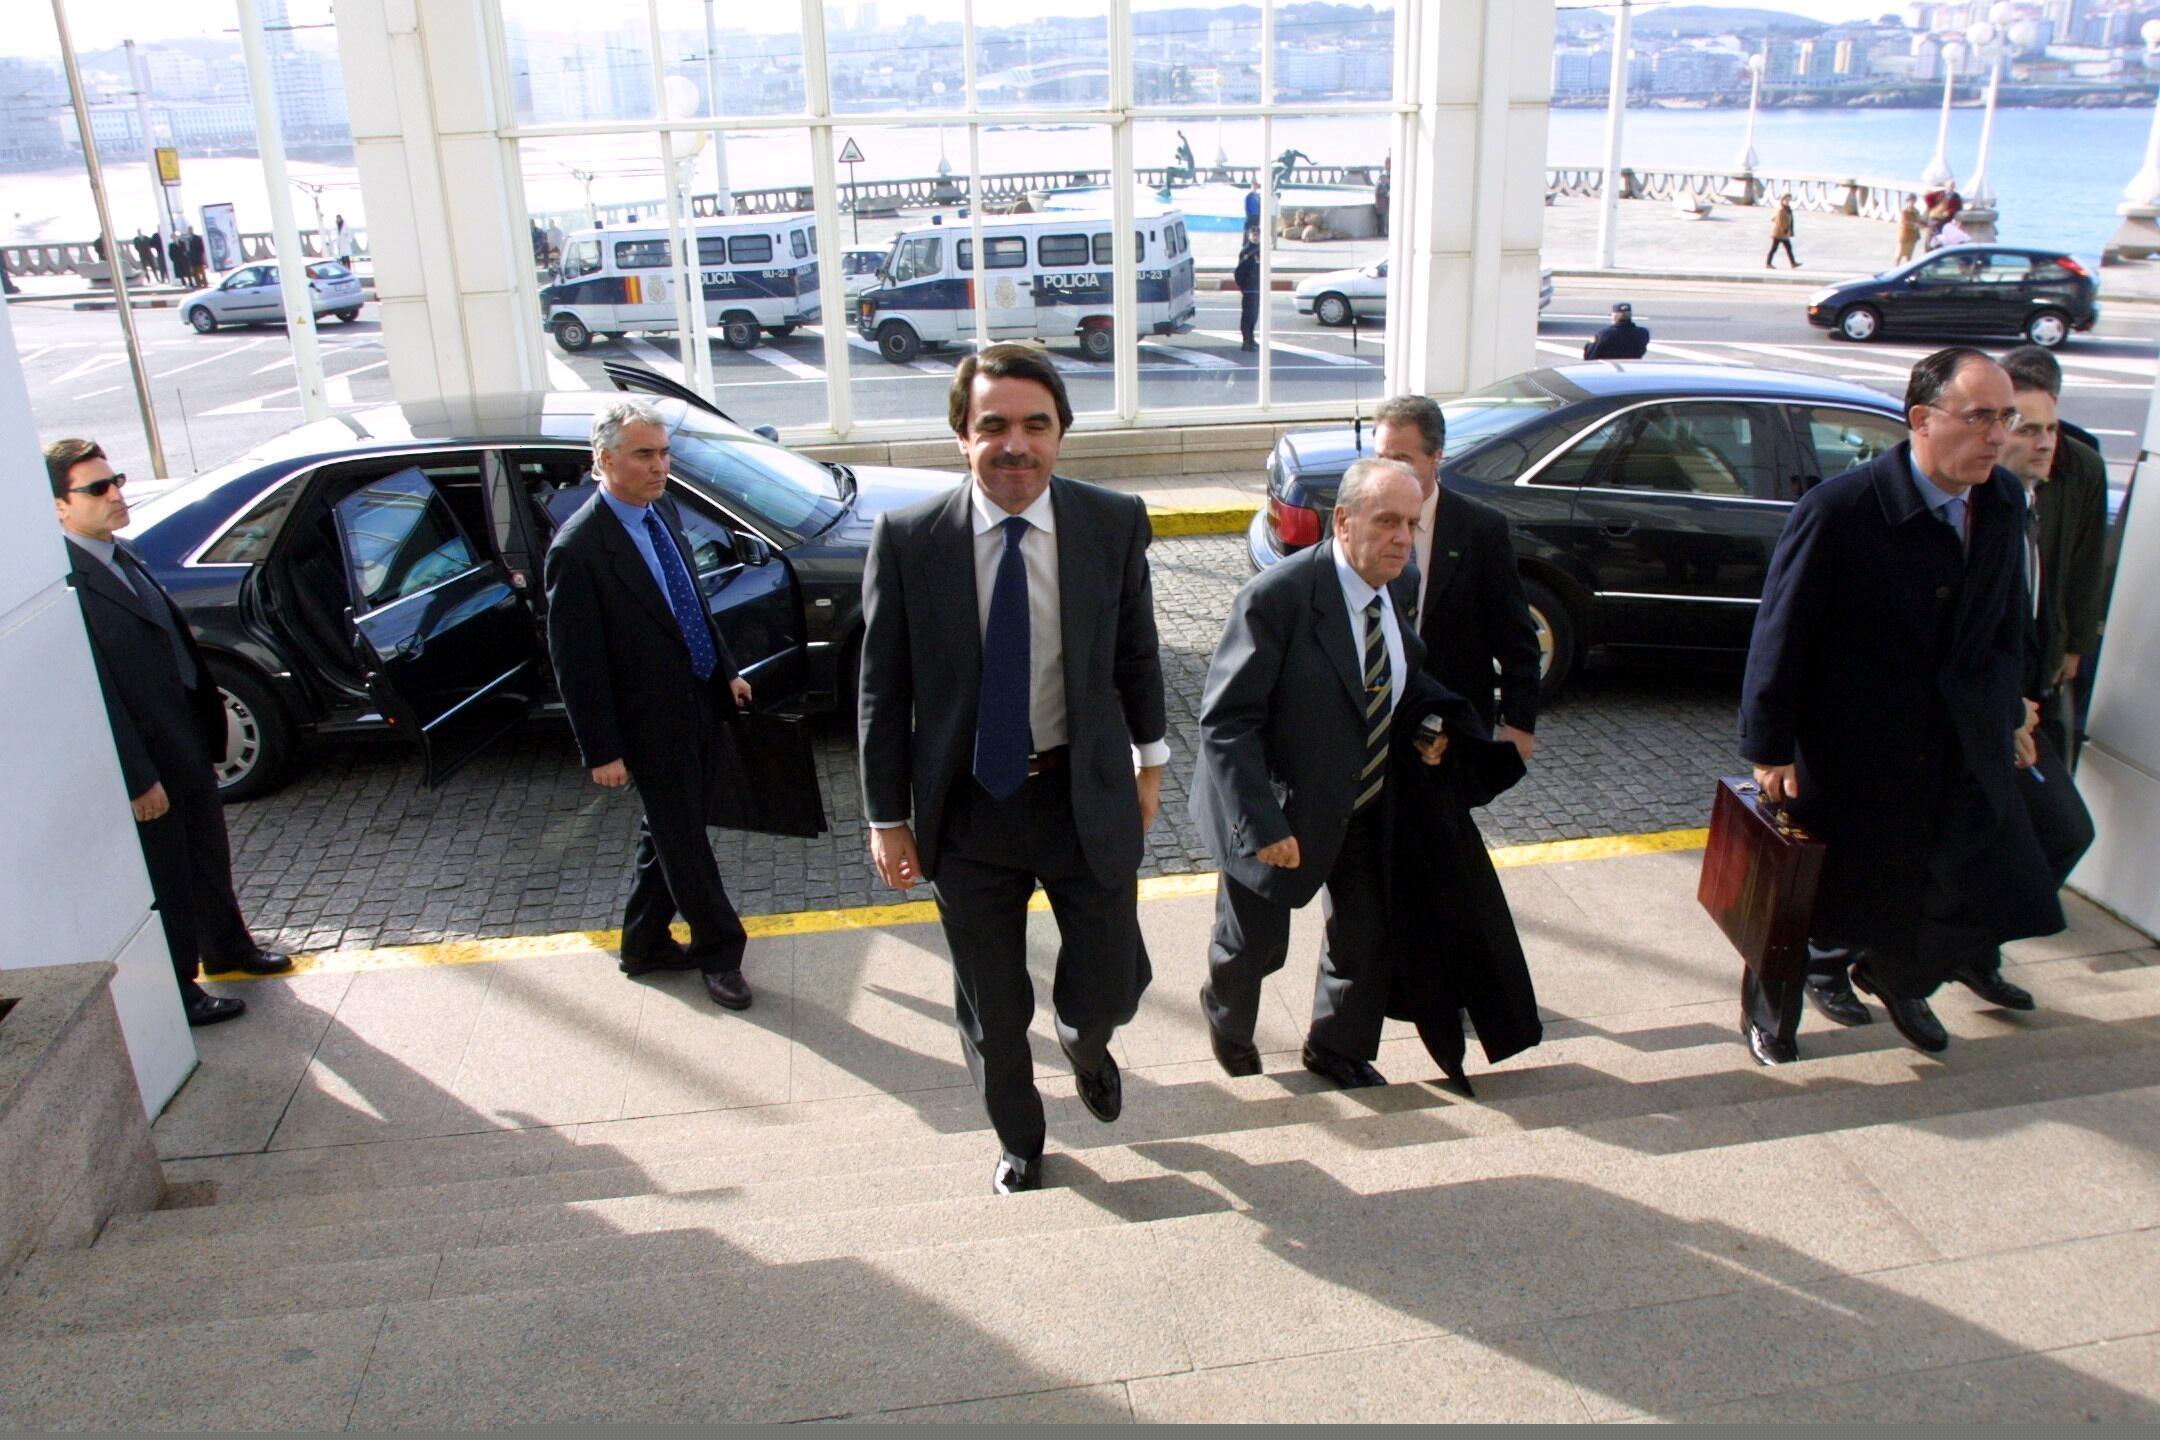 El Gobierno celebra un Consejo de Ministros extraordinario en María Pita <br>César Quian